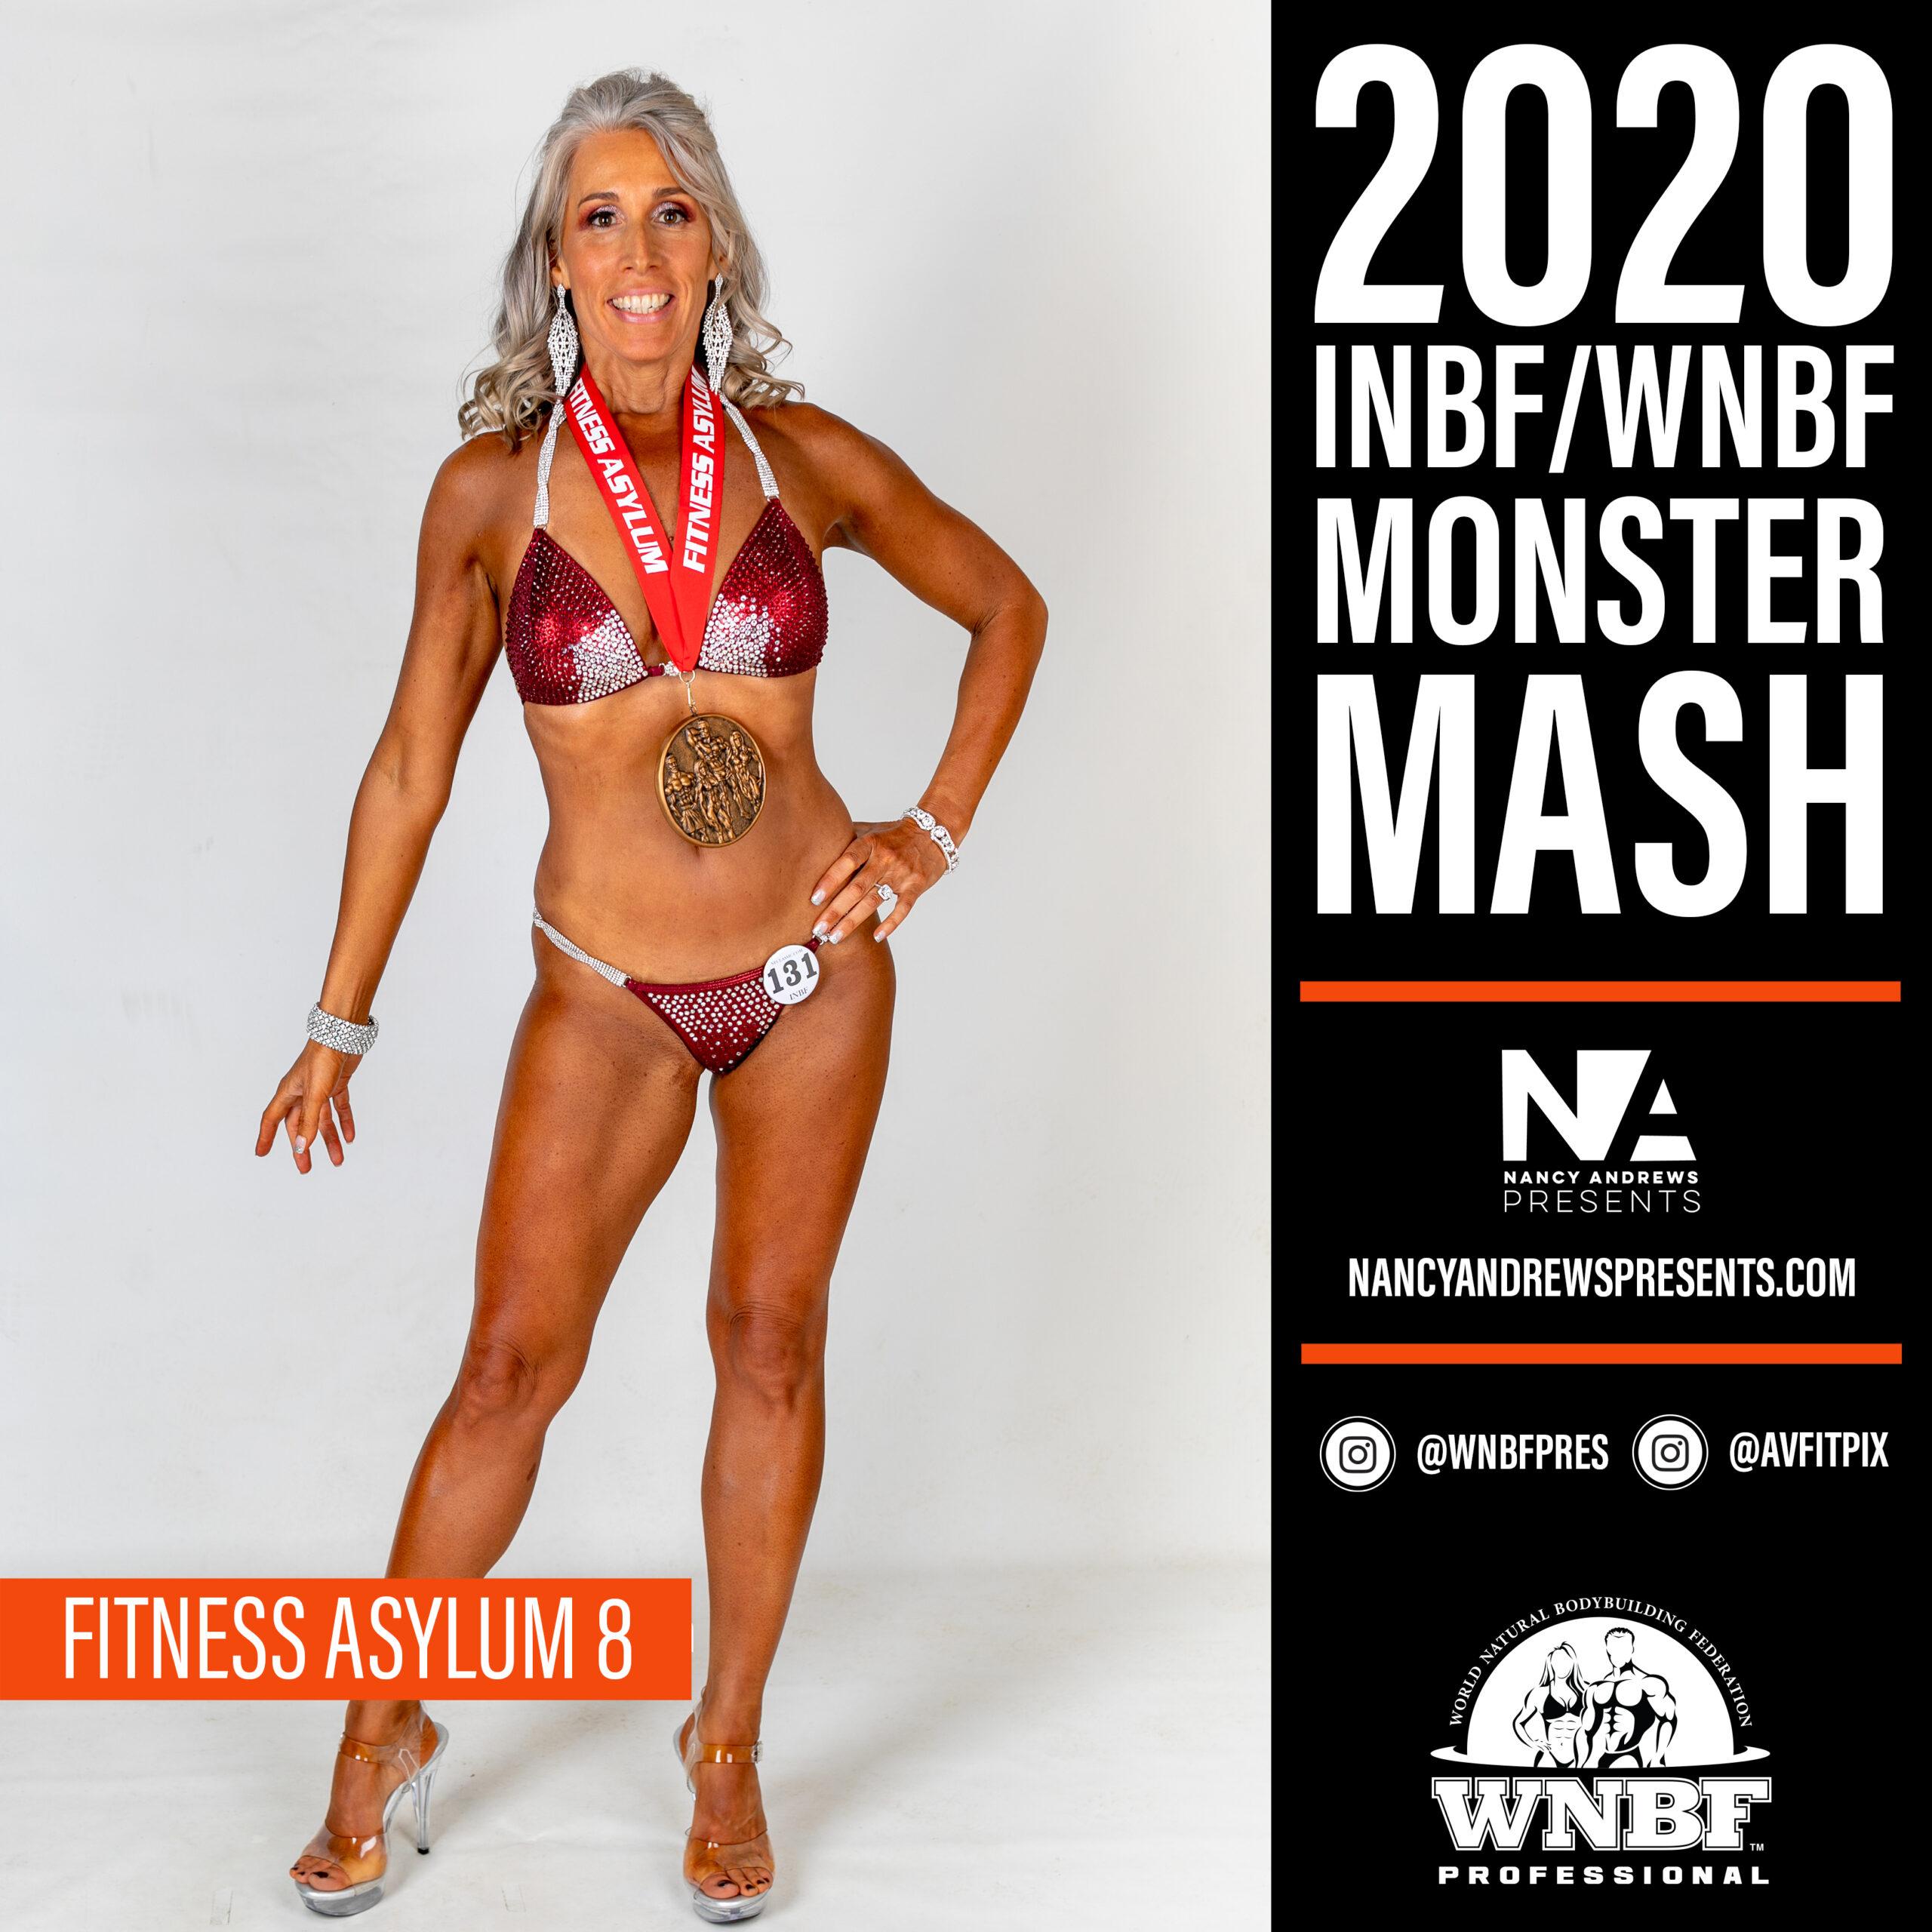 INBF Monster Mash 2020 - Fitness Asylum8